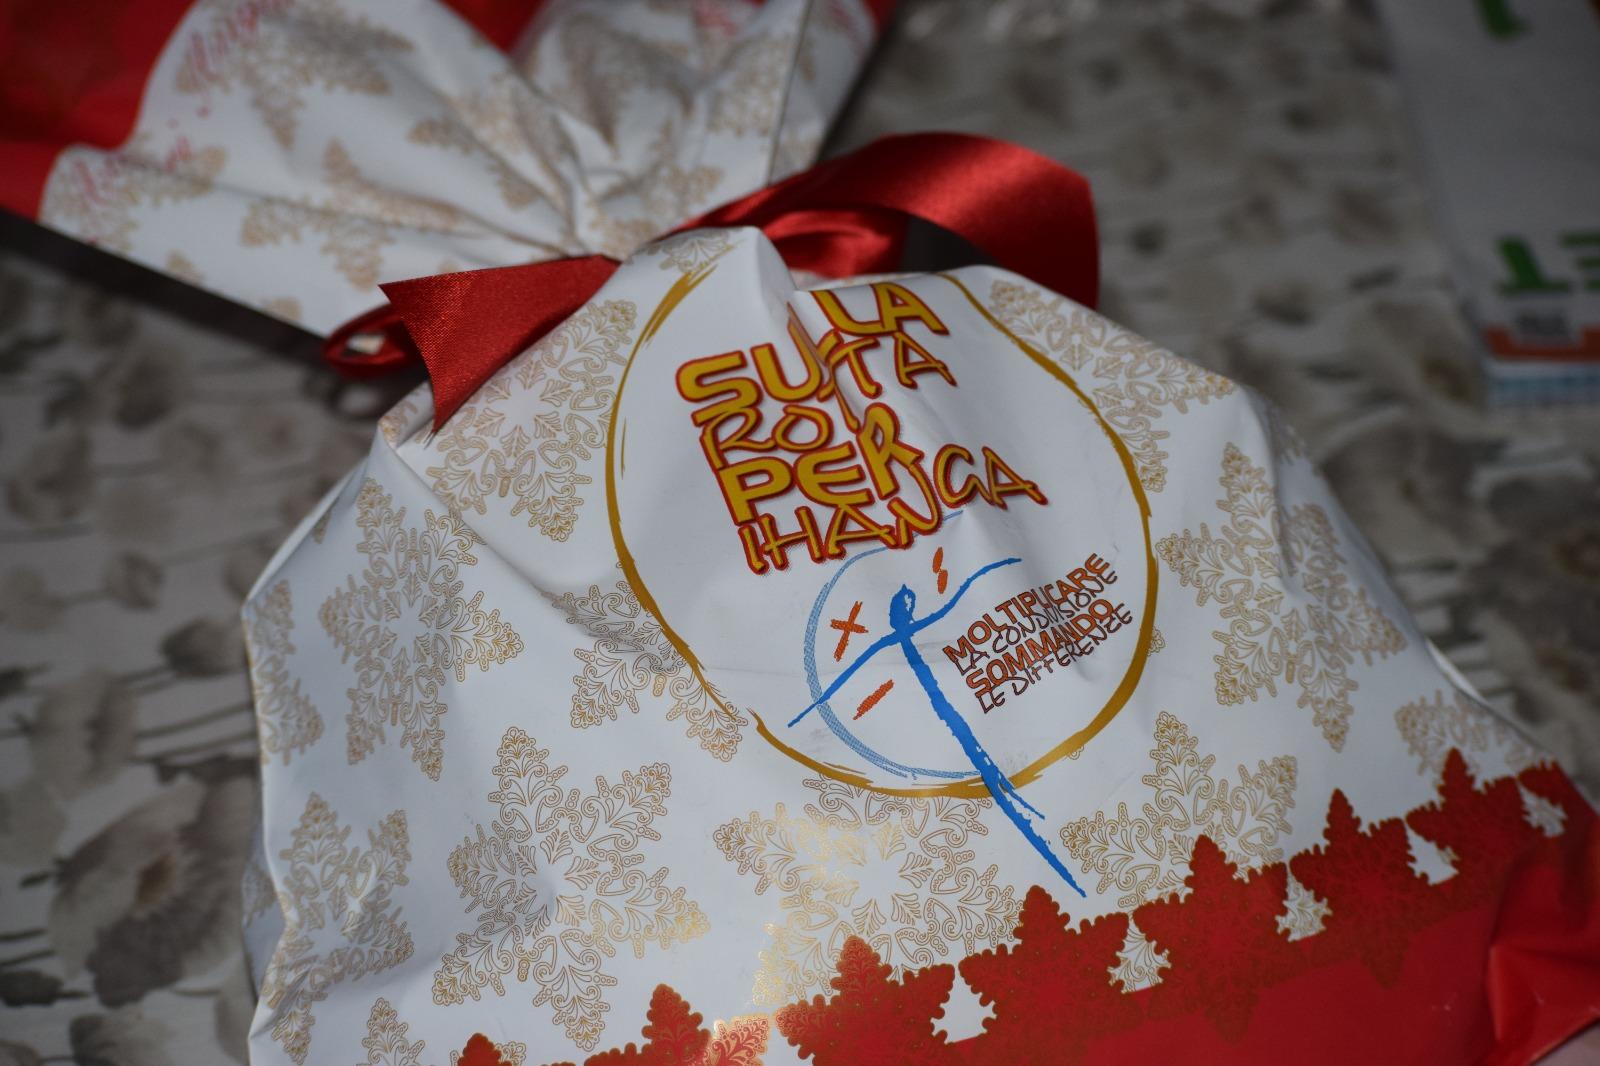 Questo Natale unisci la bellezza della solidarietà e la bontà di Bonifanti!